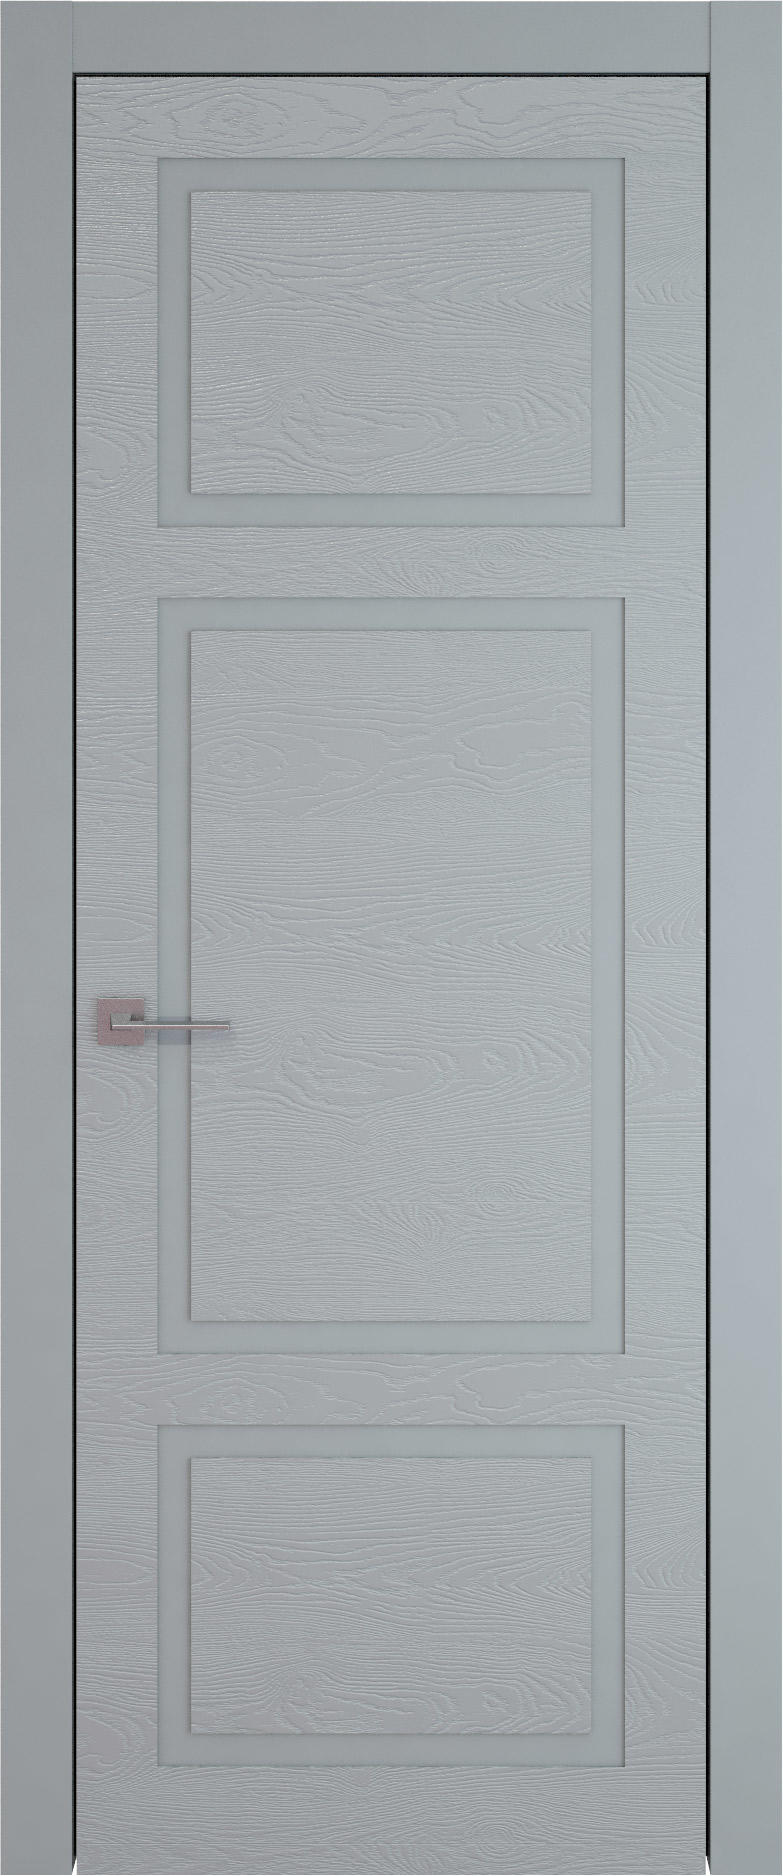 Tivoli К-5 цвет - Серебристо-серая эмаль по шпону (RAL 7045) Без стекла (ДГ)